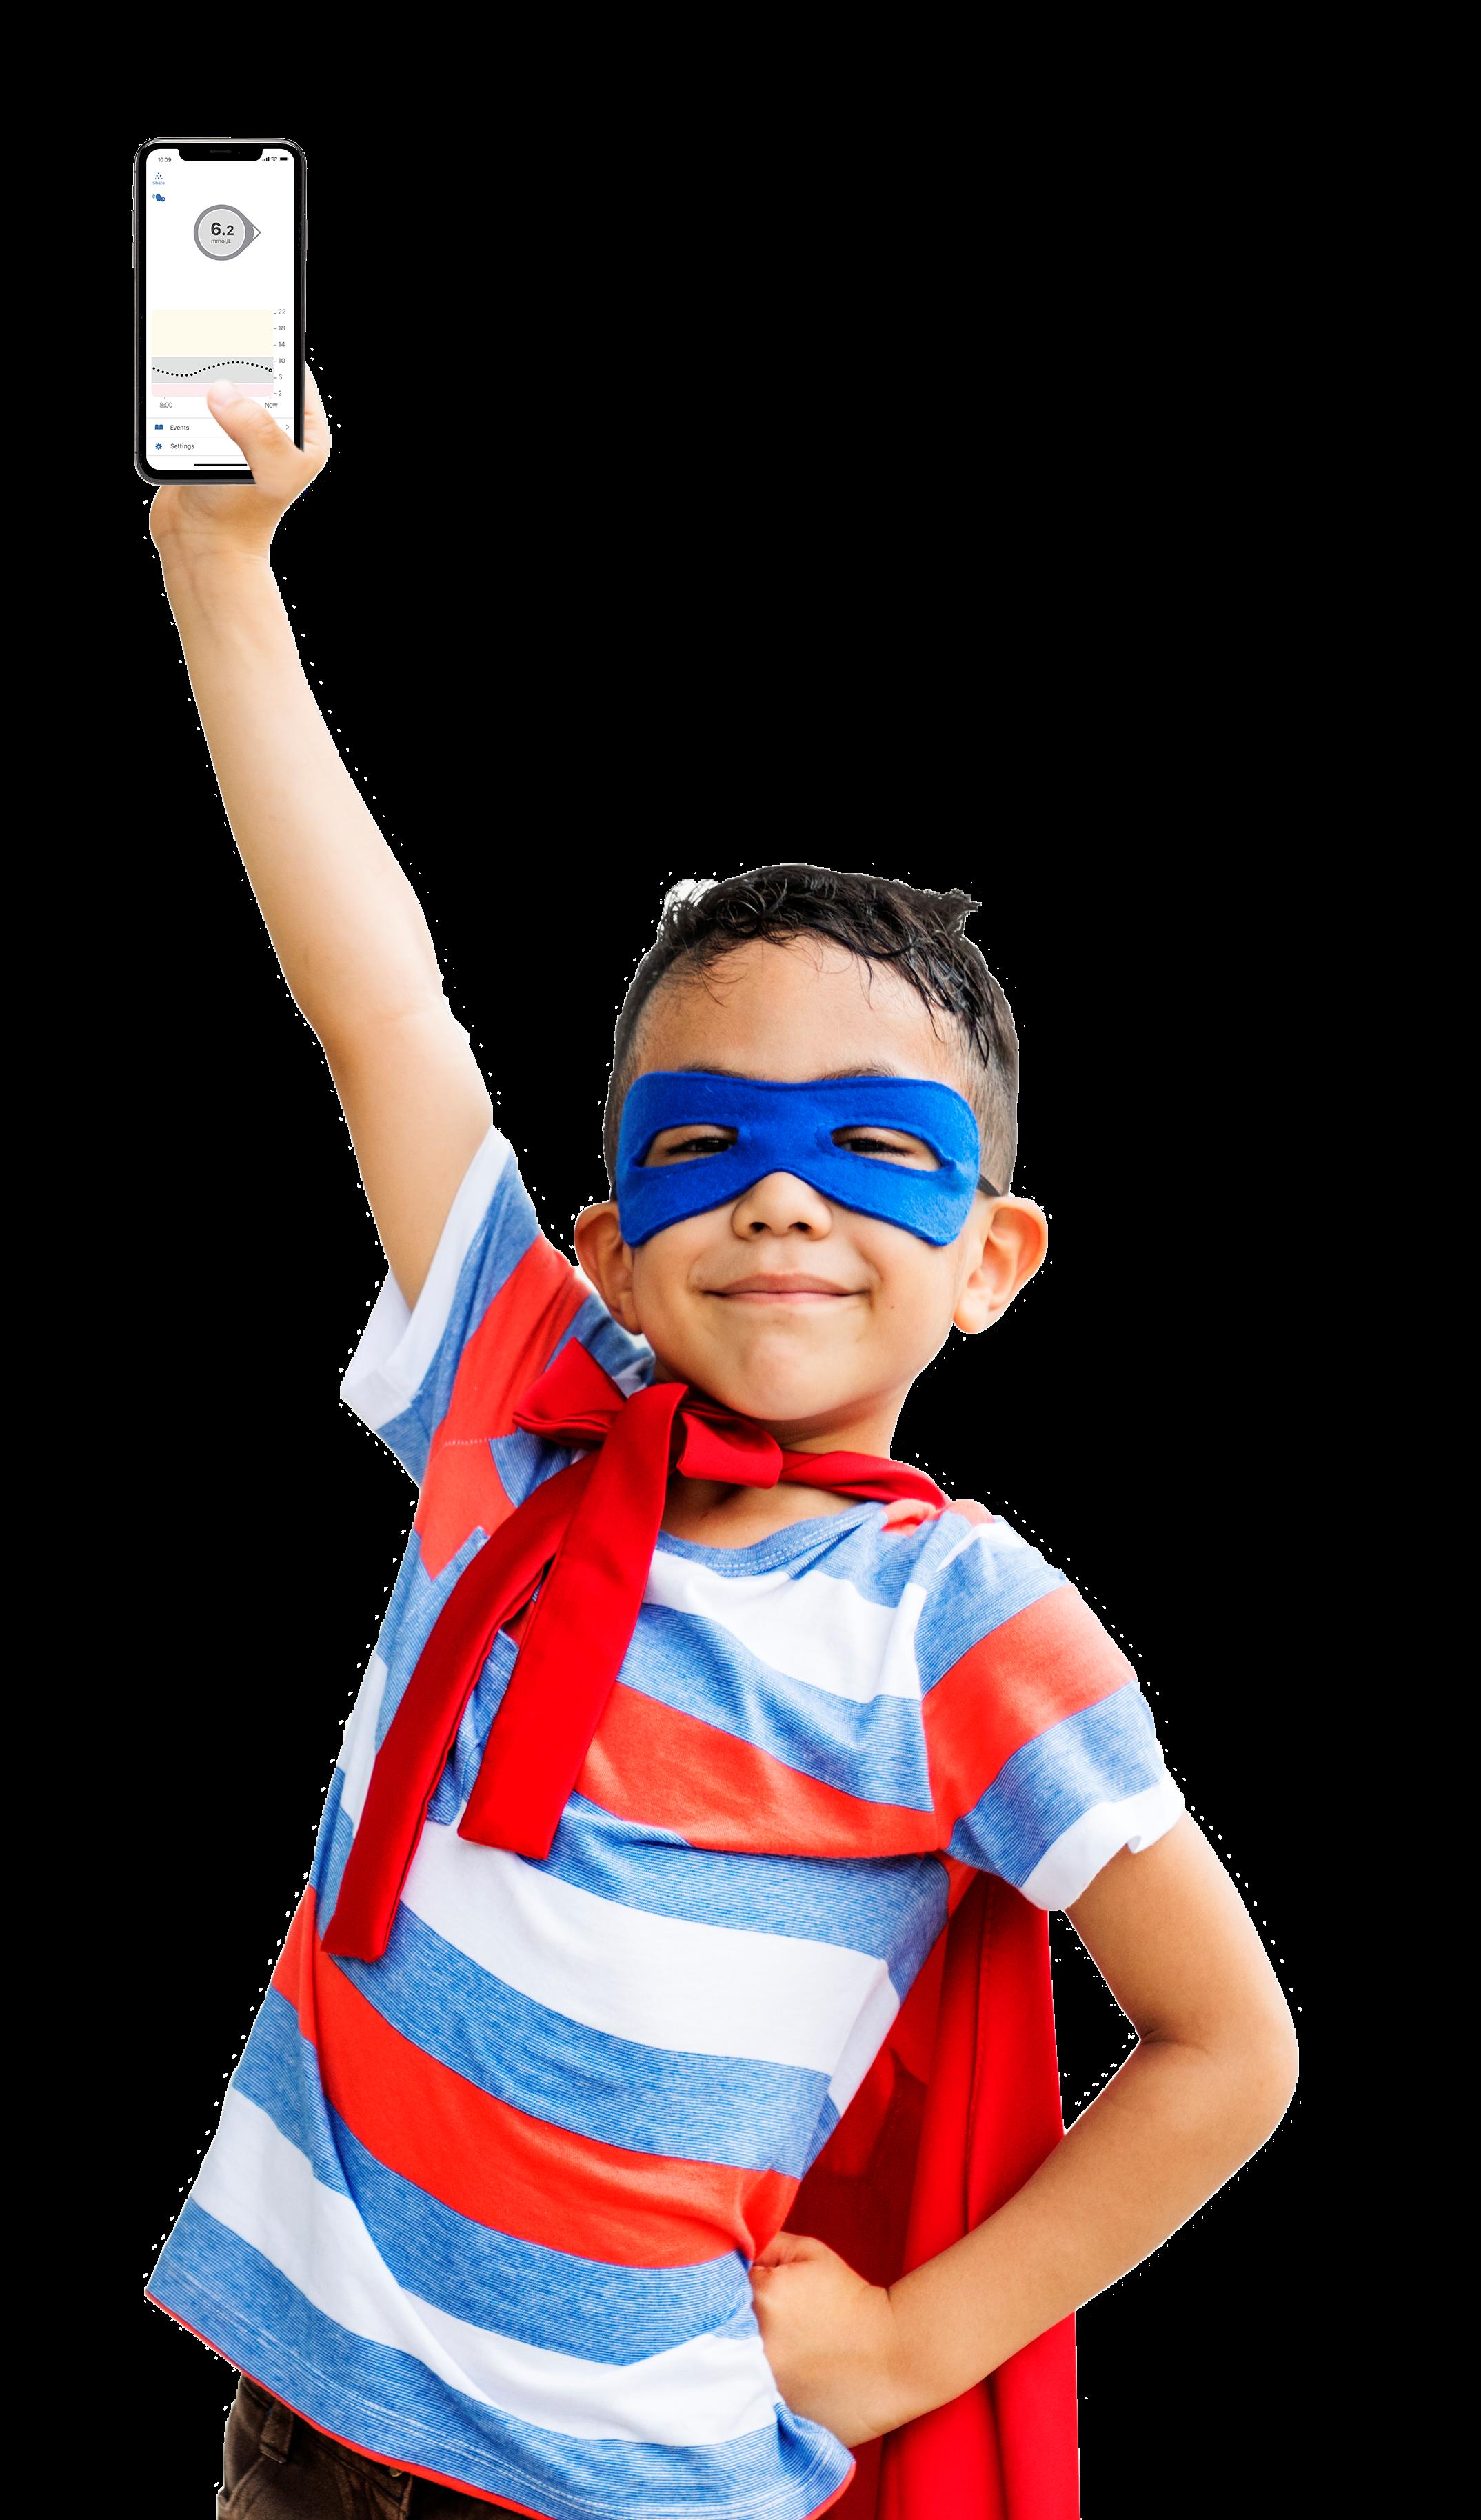 Superhero Kid noBG - Crop-1